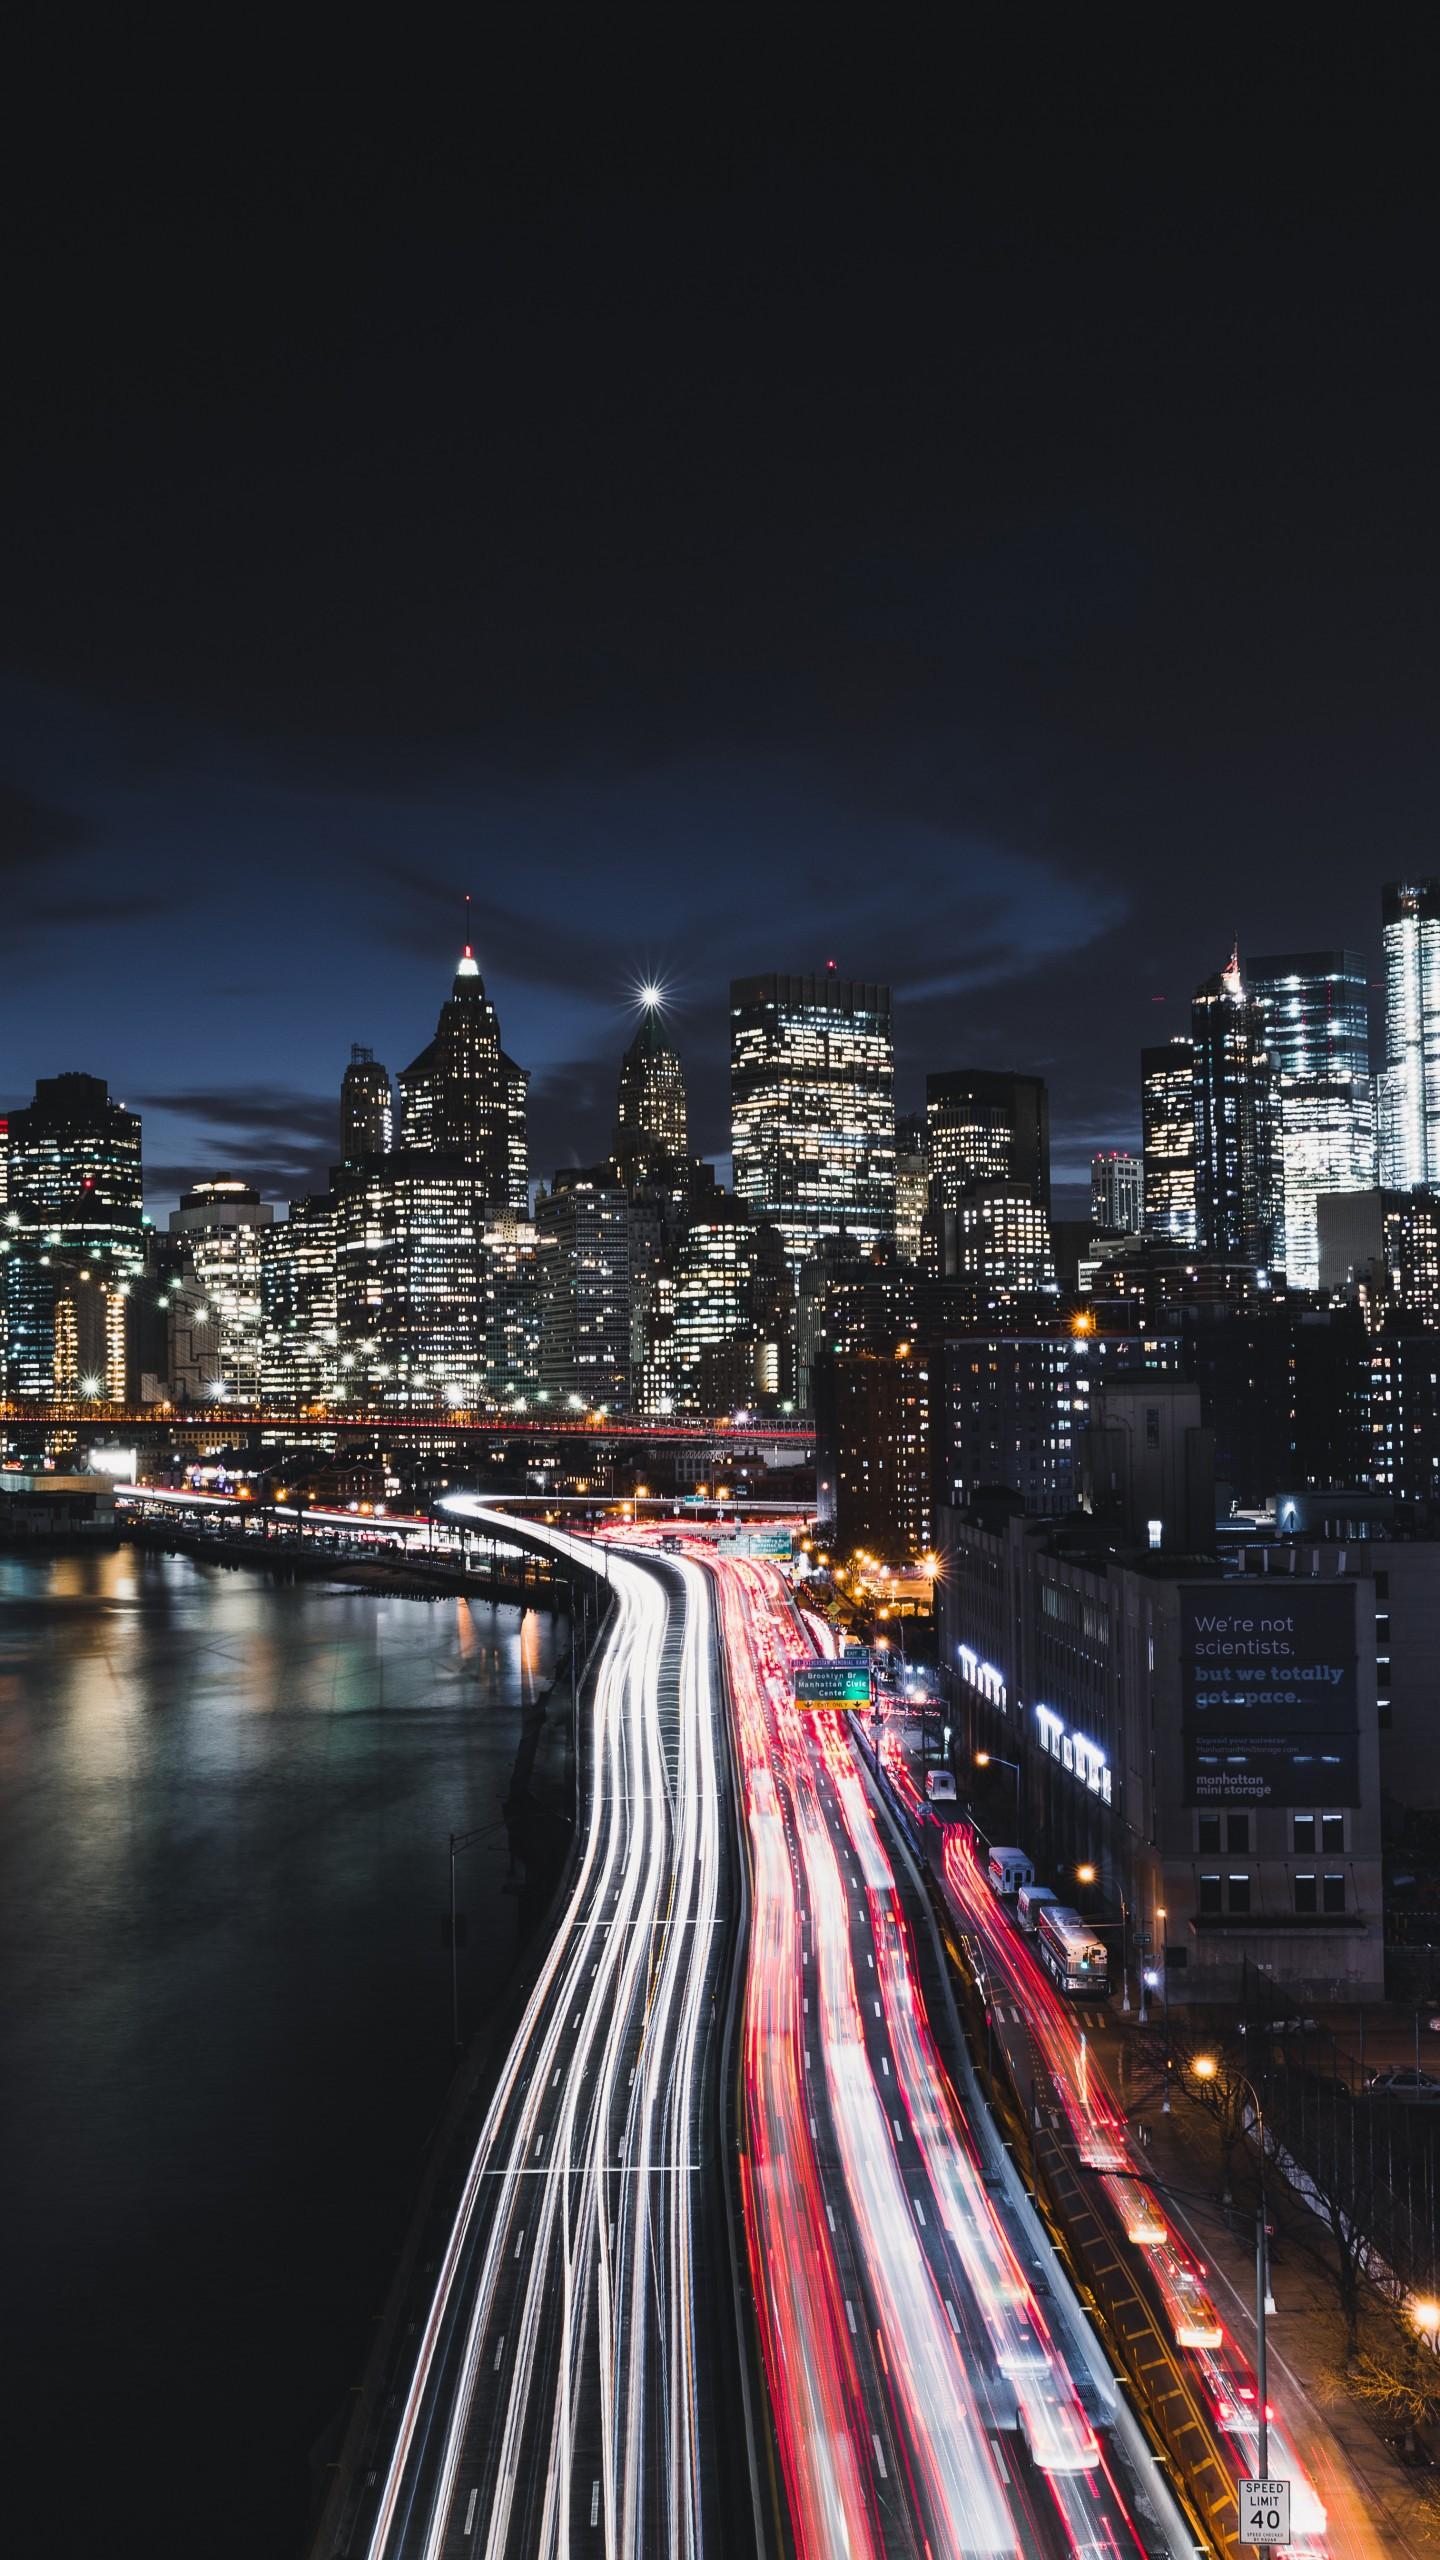 عکس زمینه رانندگی شبانه در شهر منهتن پس زمینه